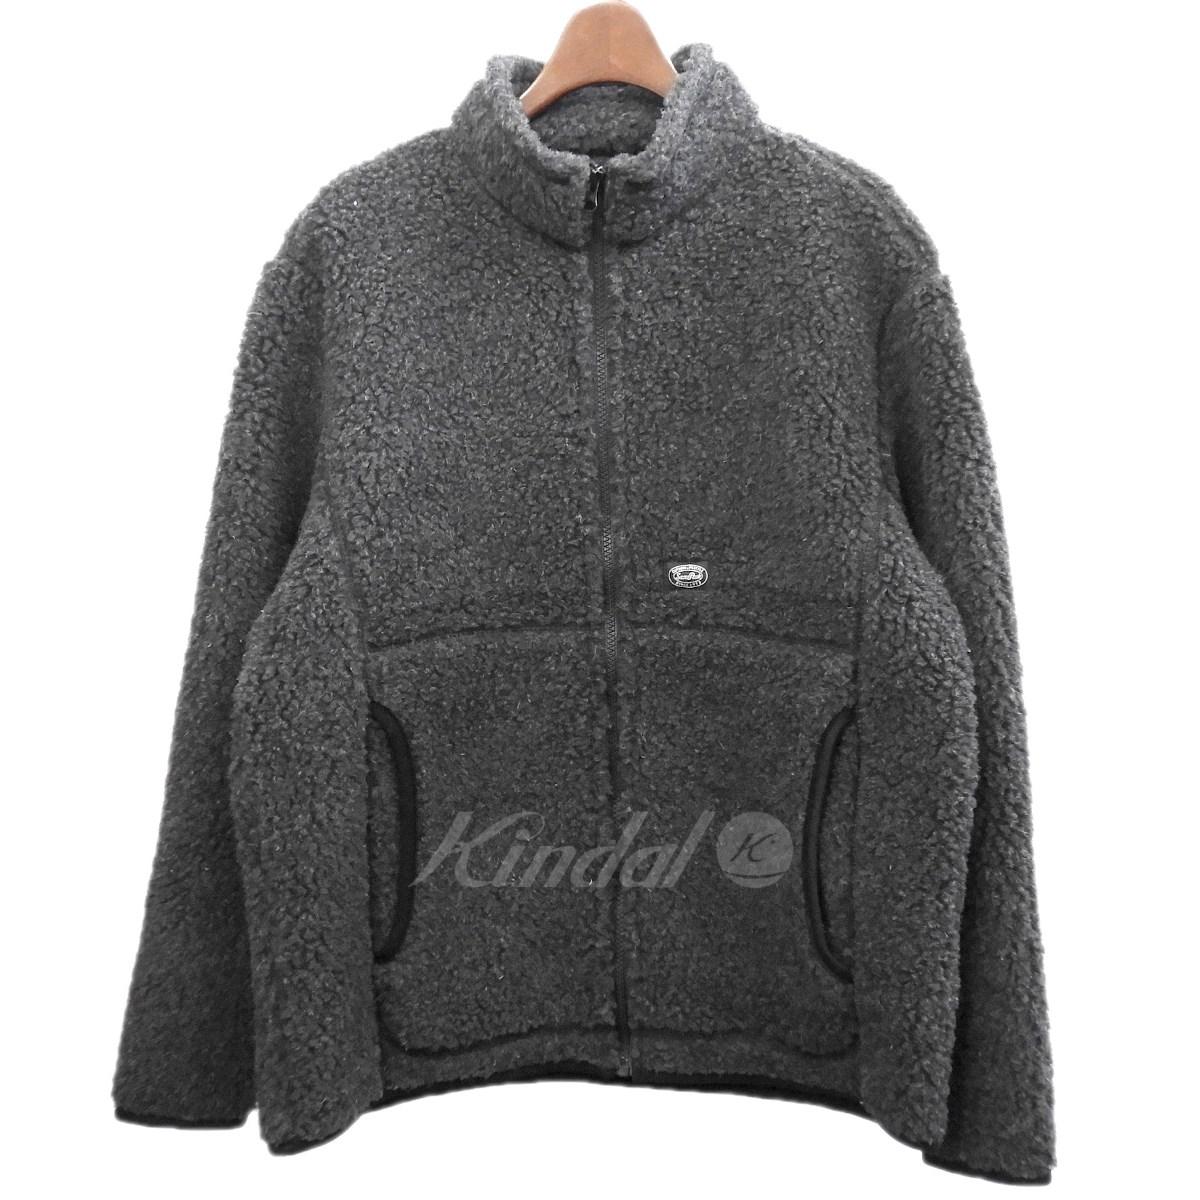 【中古】SNOWPEAK 18AW ウールフリースジャケット ブラック サイズ:JP M 【送料無料】 【040419】(スノーピーク)